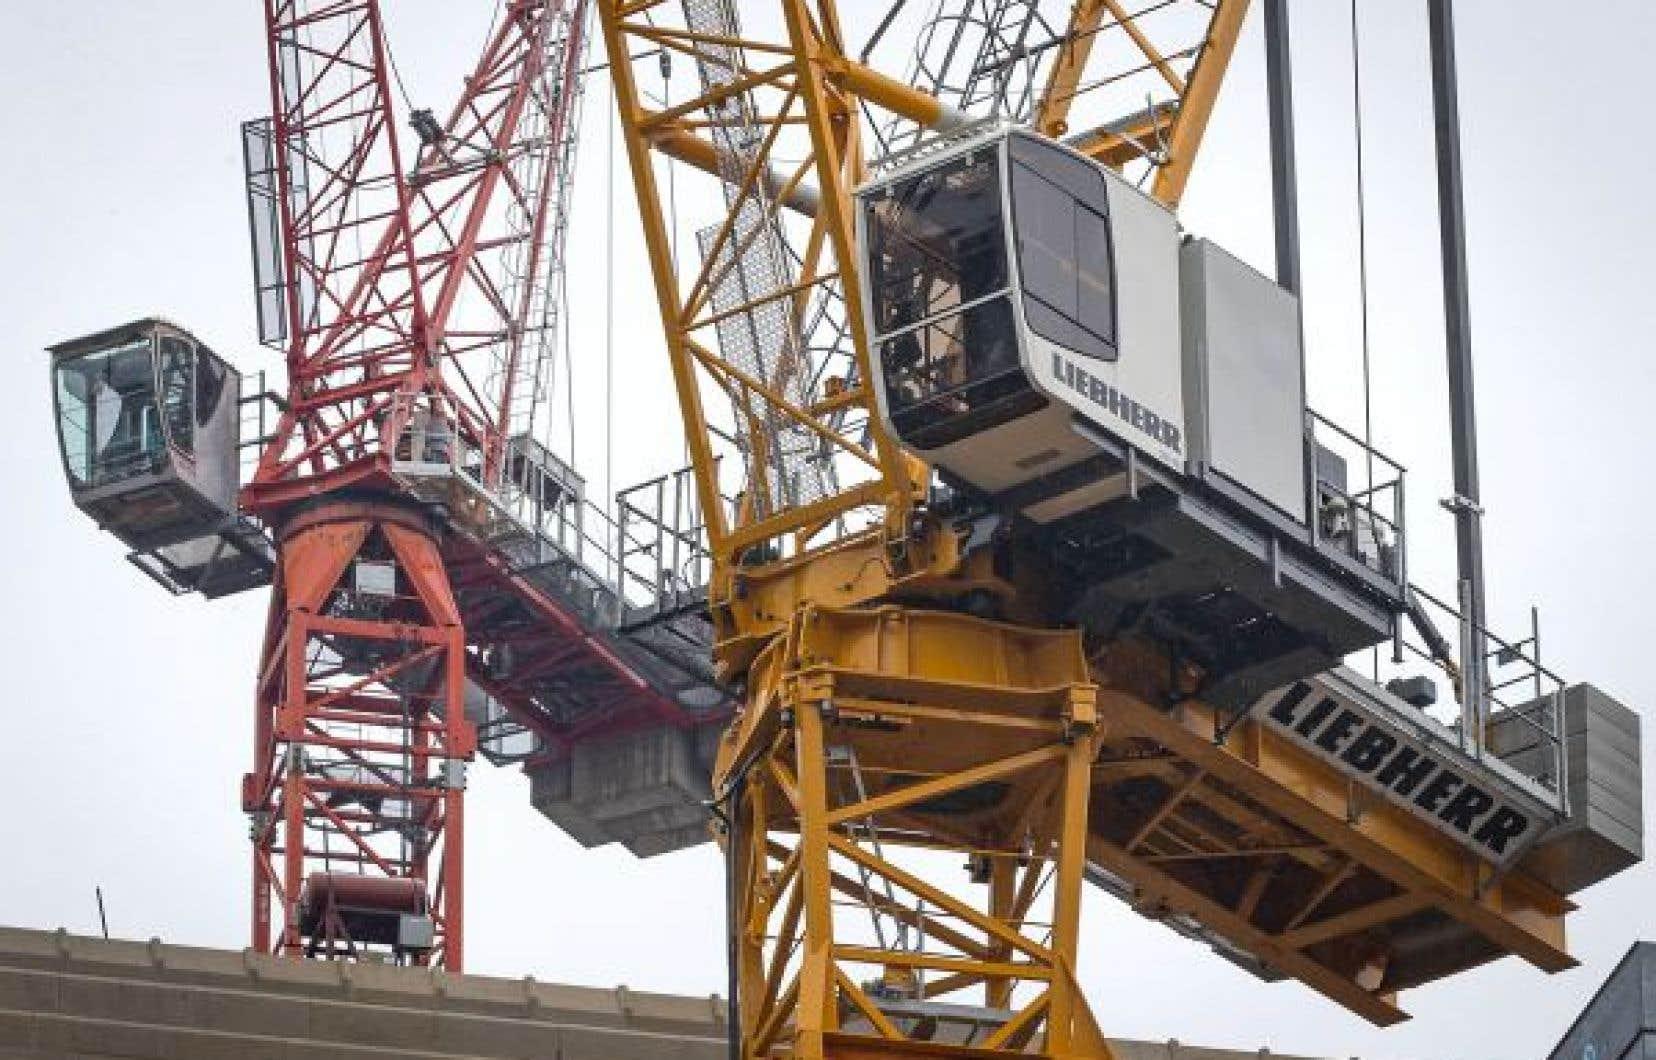 Les moyens de pression ont débuté jeudi dernier au chantier du nouveau pont Champlain entre Montréal et la Rive-Sud. Lundi, la grève s'est généralisée à plusieurs chantiers du Québec.